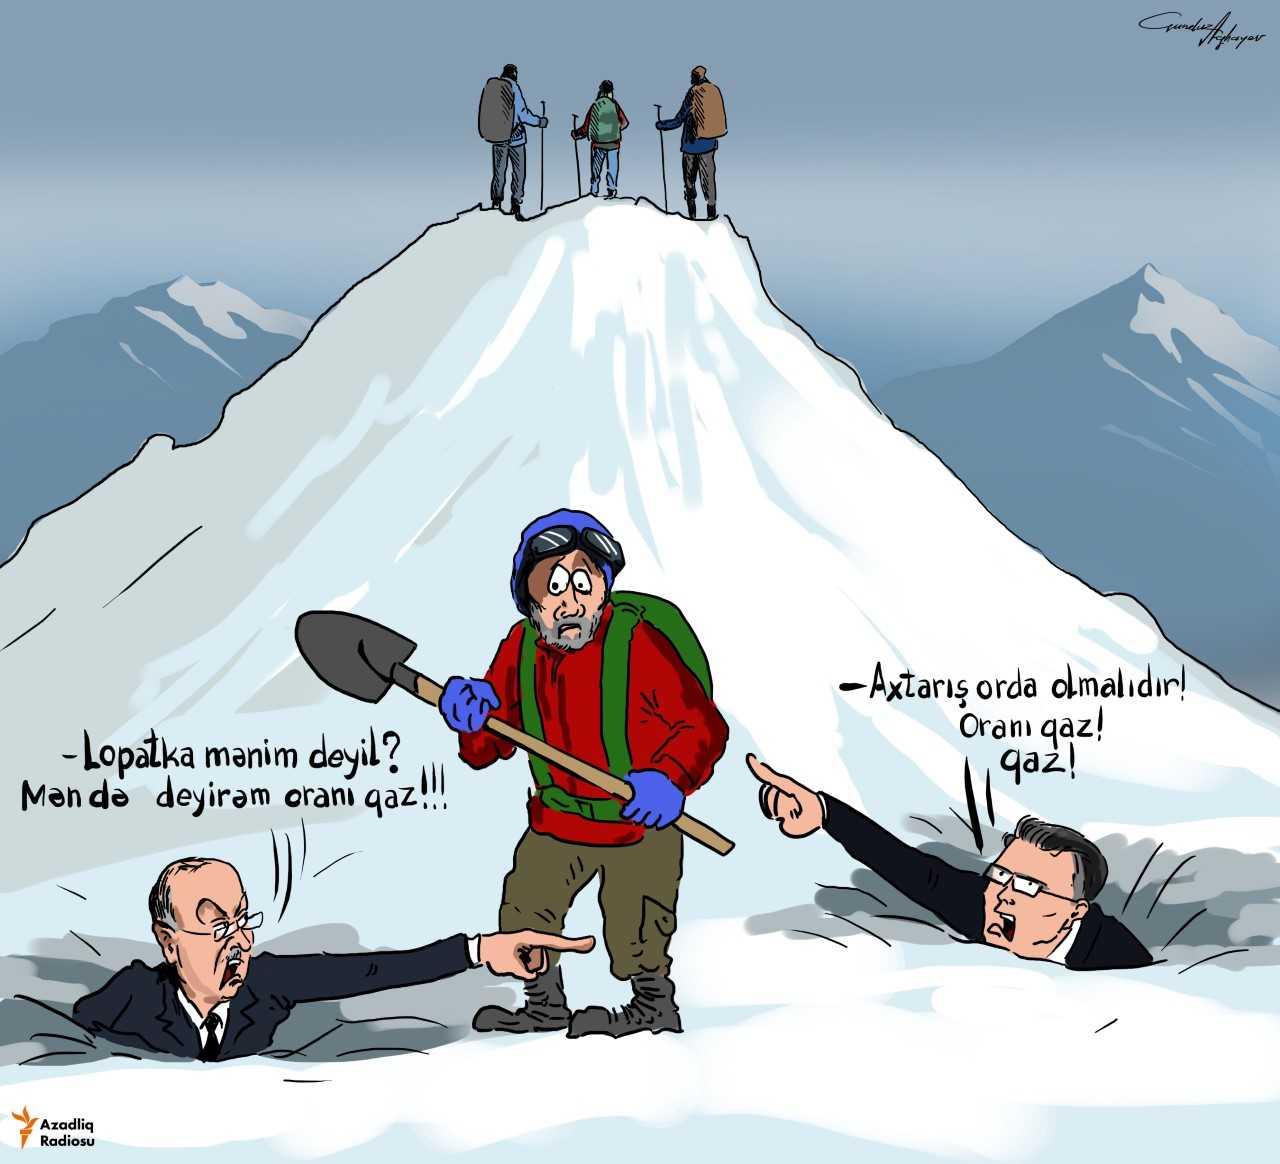 'İtkin alpinistlərin axtarışı'